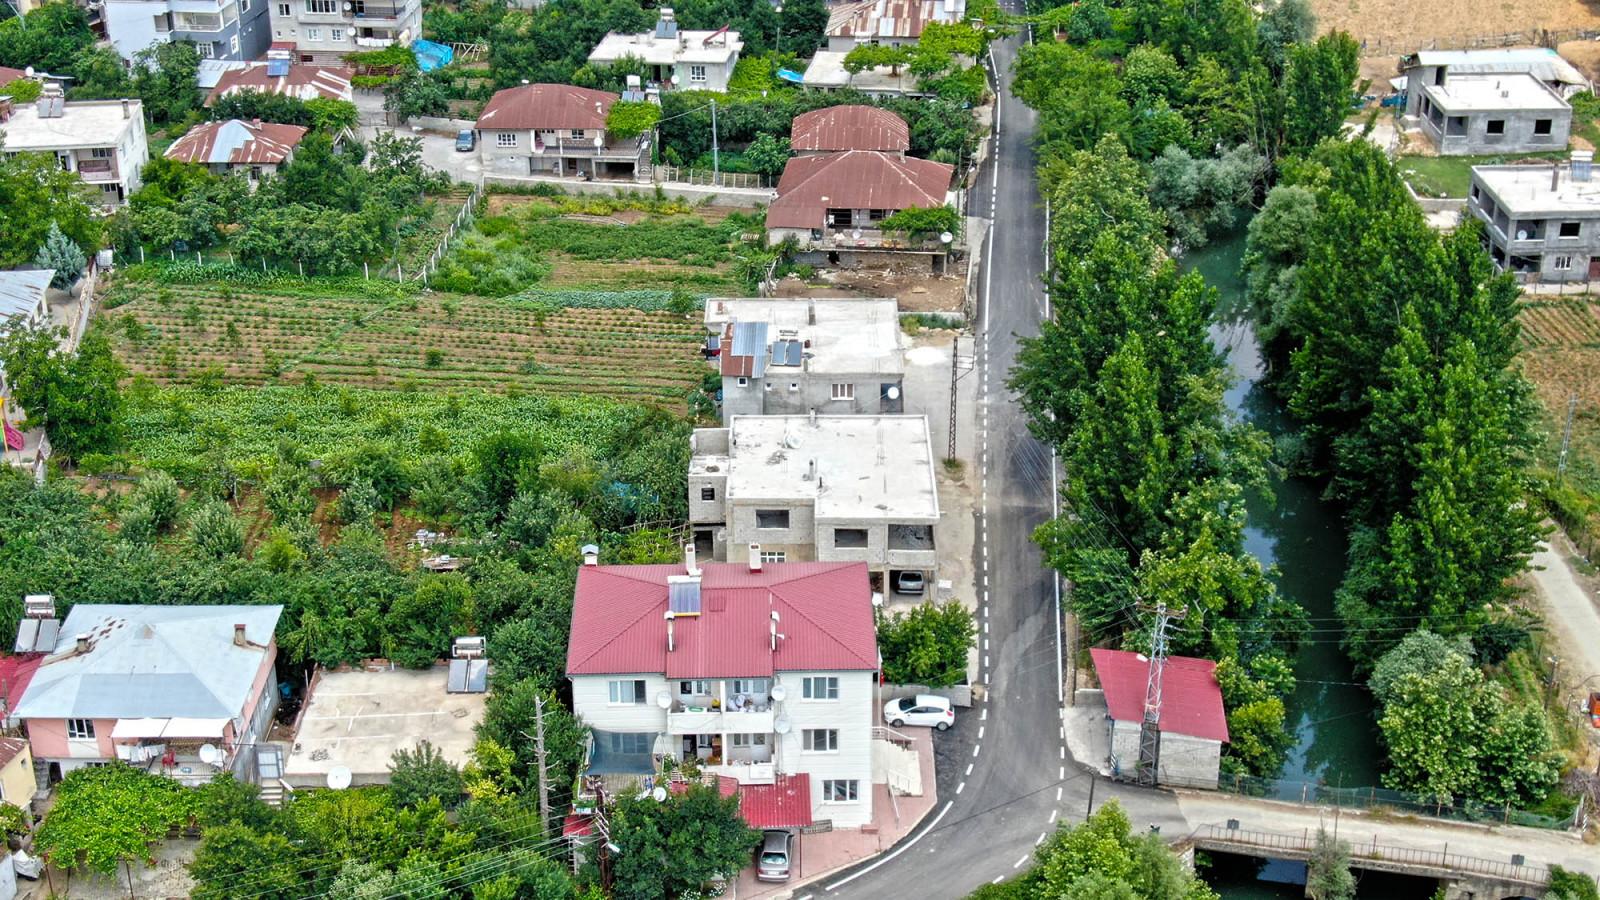 dongel mahallesi yol asfalt cizgi 4 Döngel Mağaralarının Ulaşım Sorunu Çözüldü